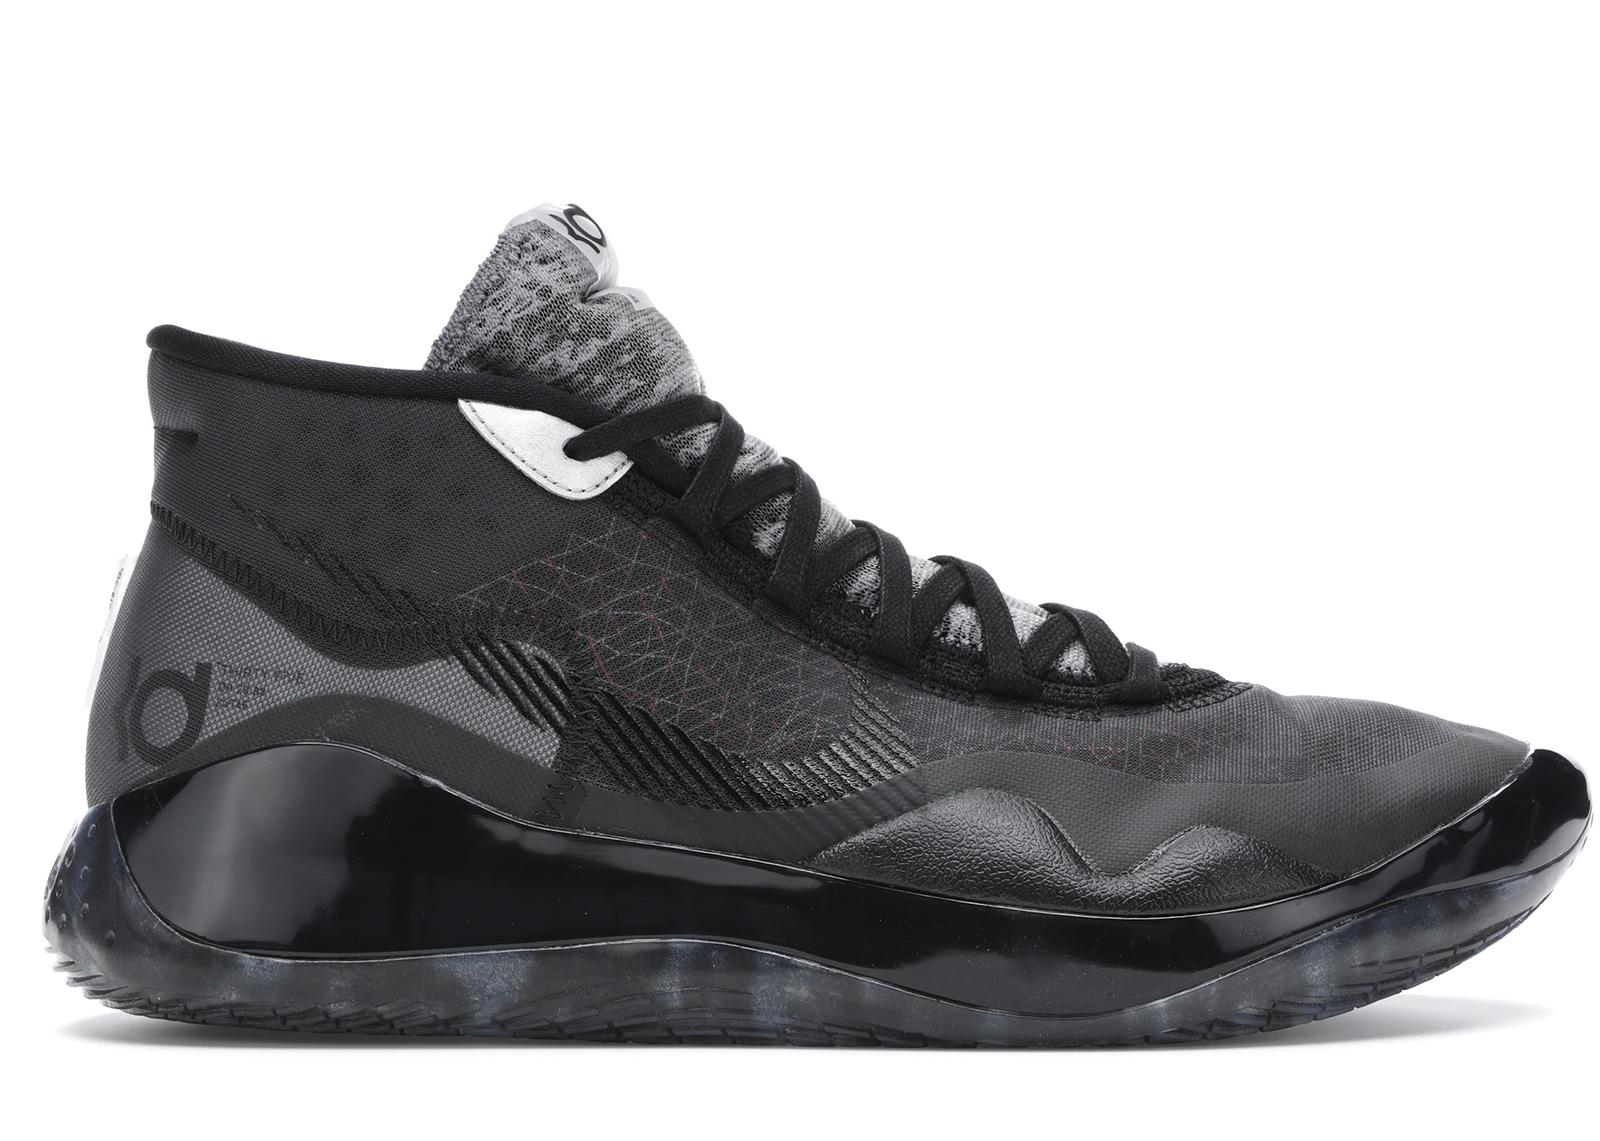 Nike KD 12 Black Cool Grey - AR4230-003